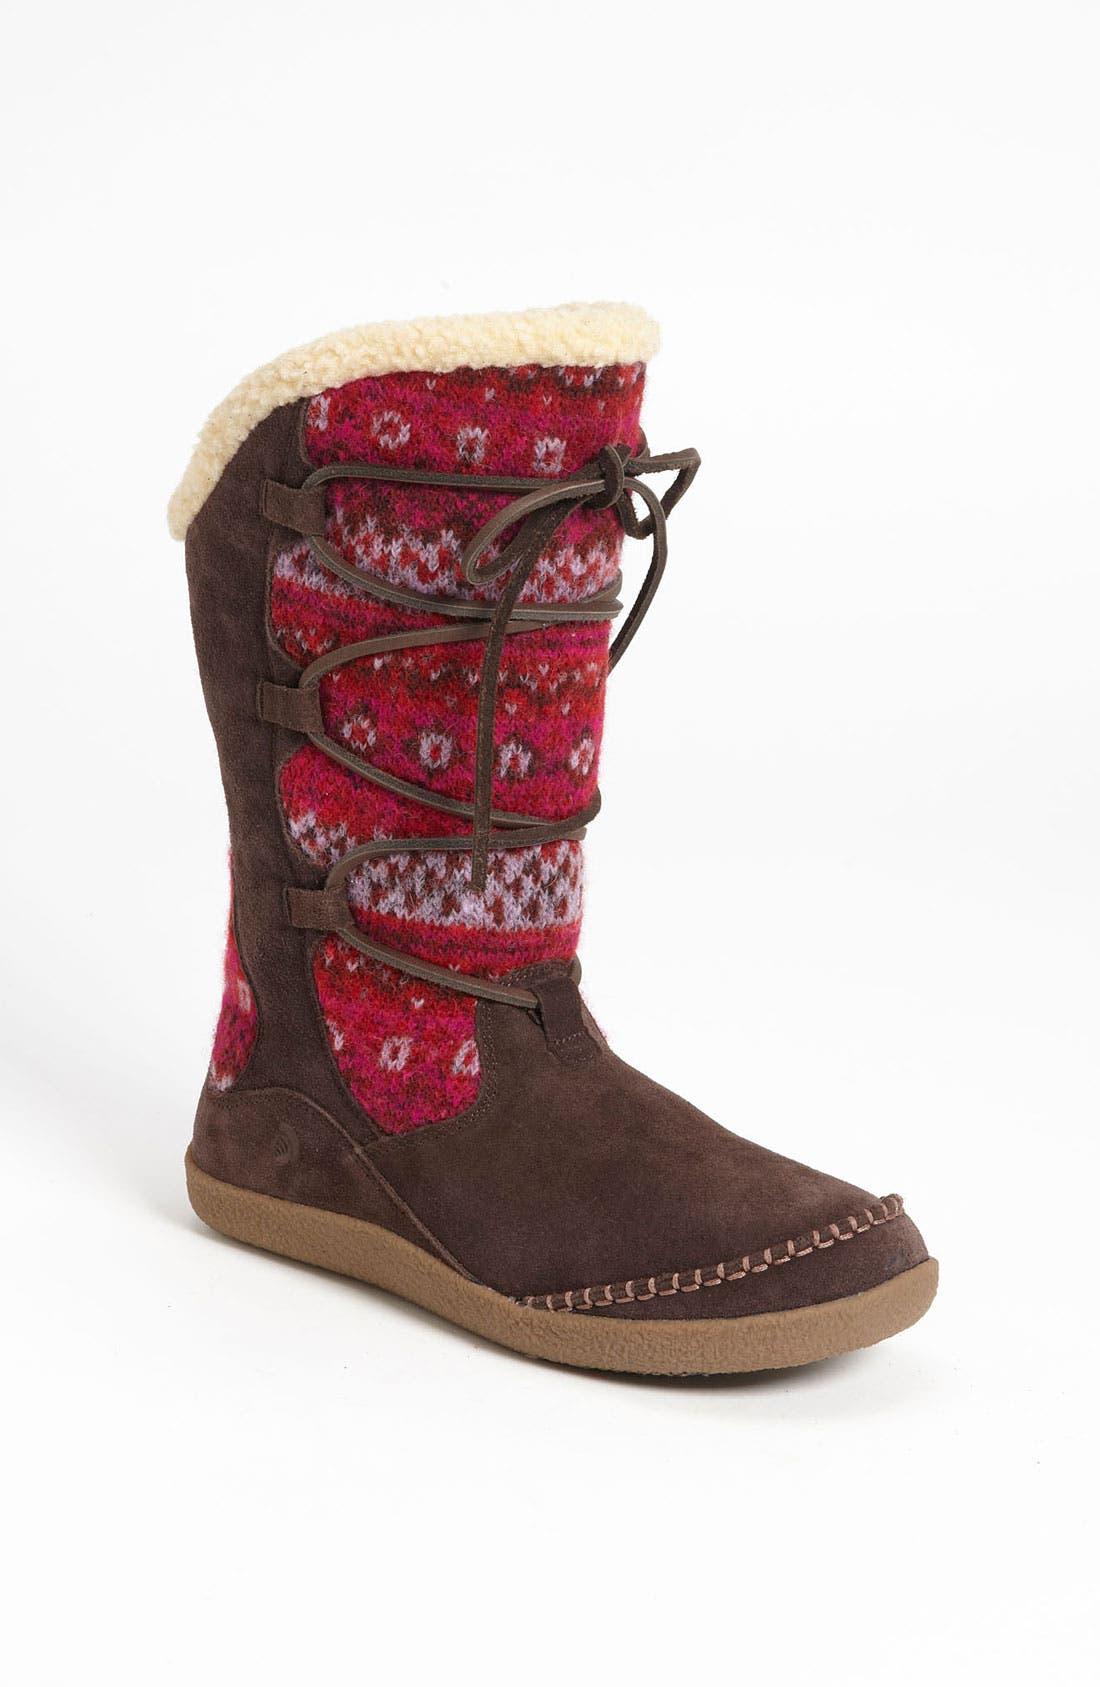 Alternate Image 1 Selected - Acorn 'Crosslander Boot' Slipper